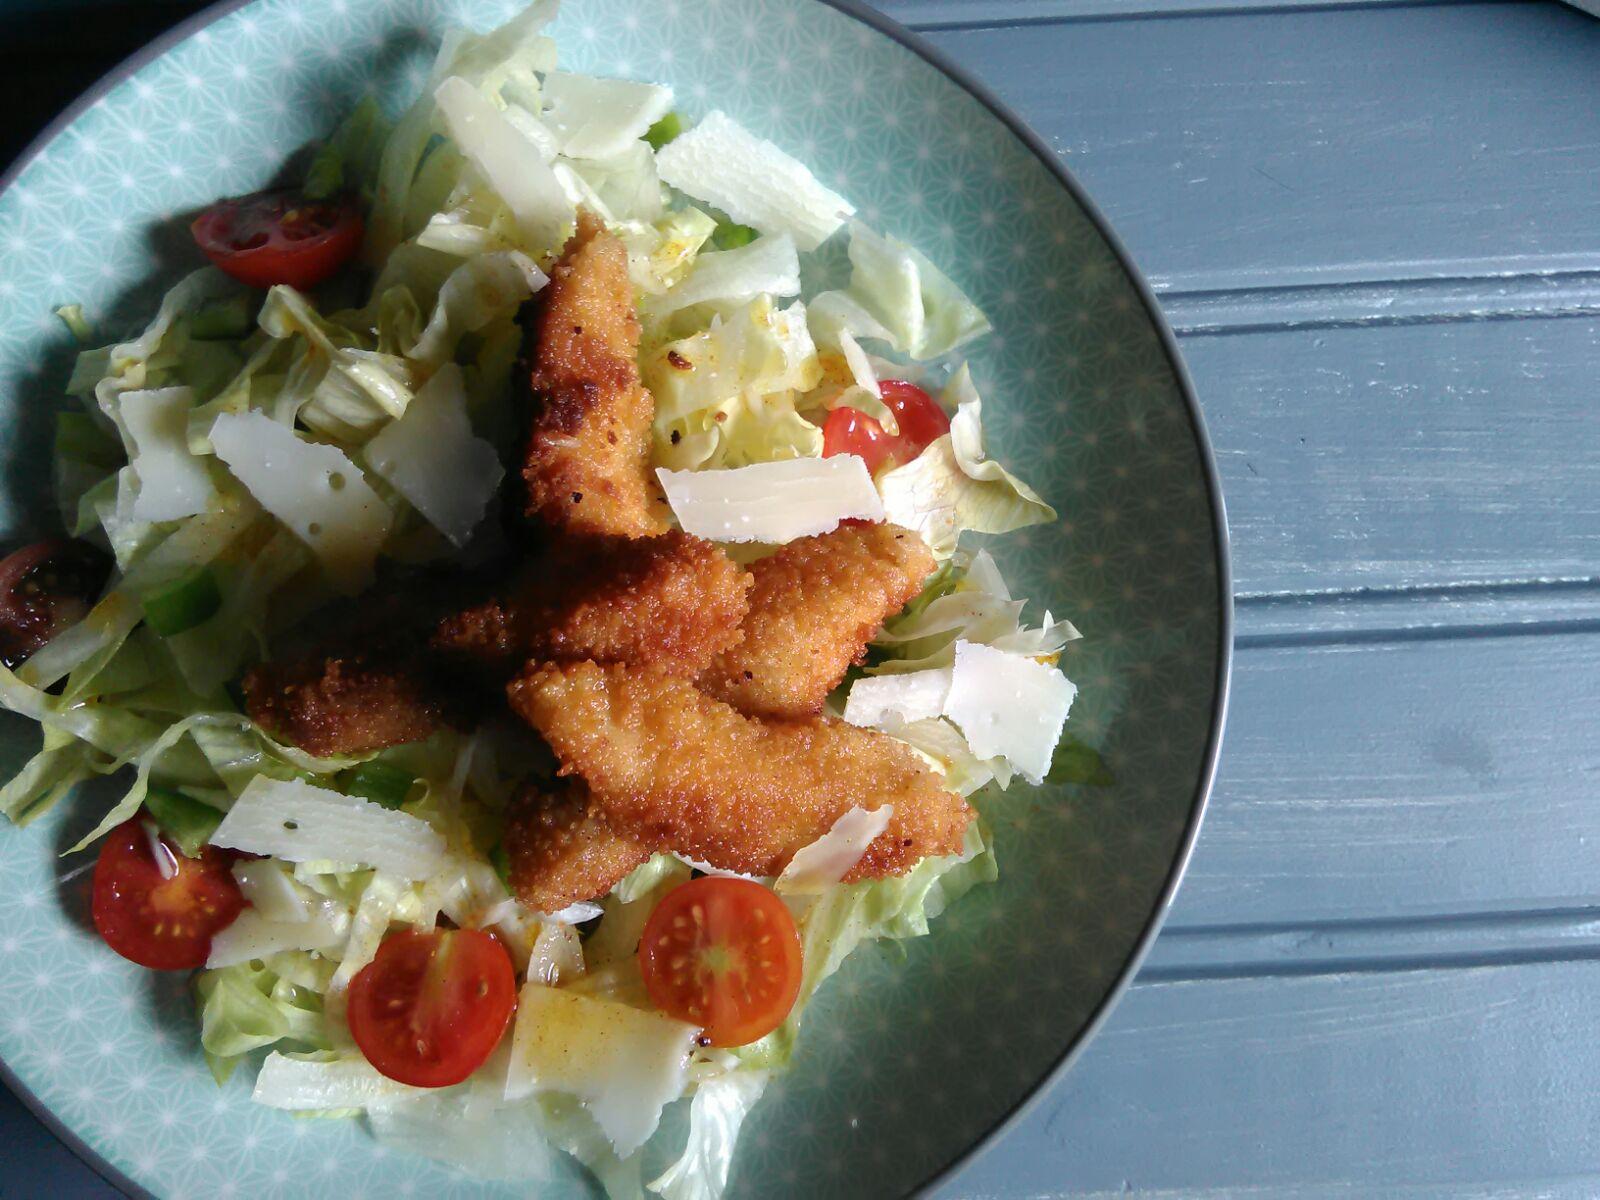 Ensalada de pollo crujiente al curry 1